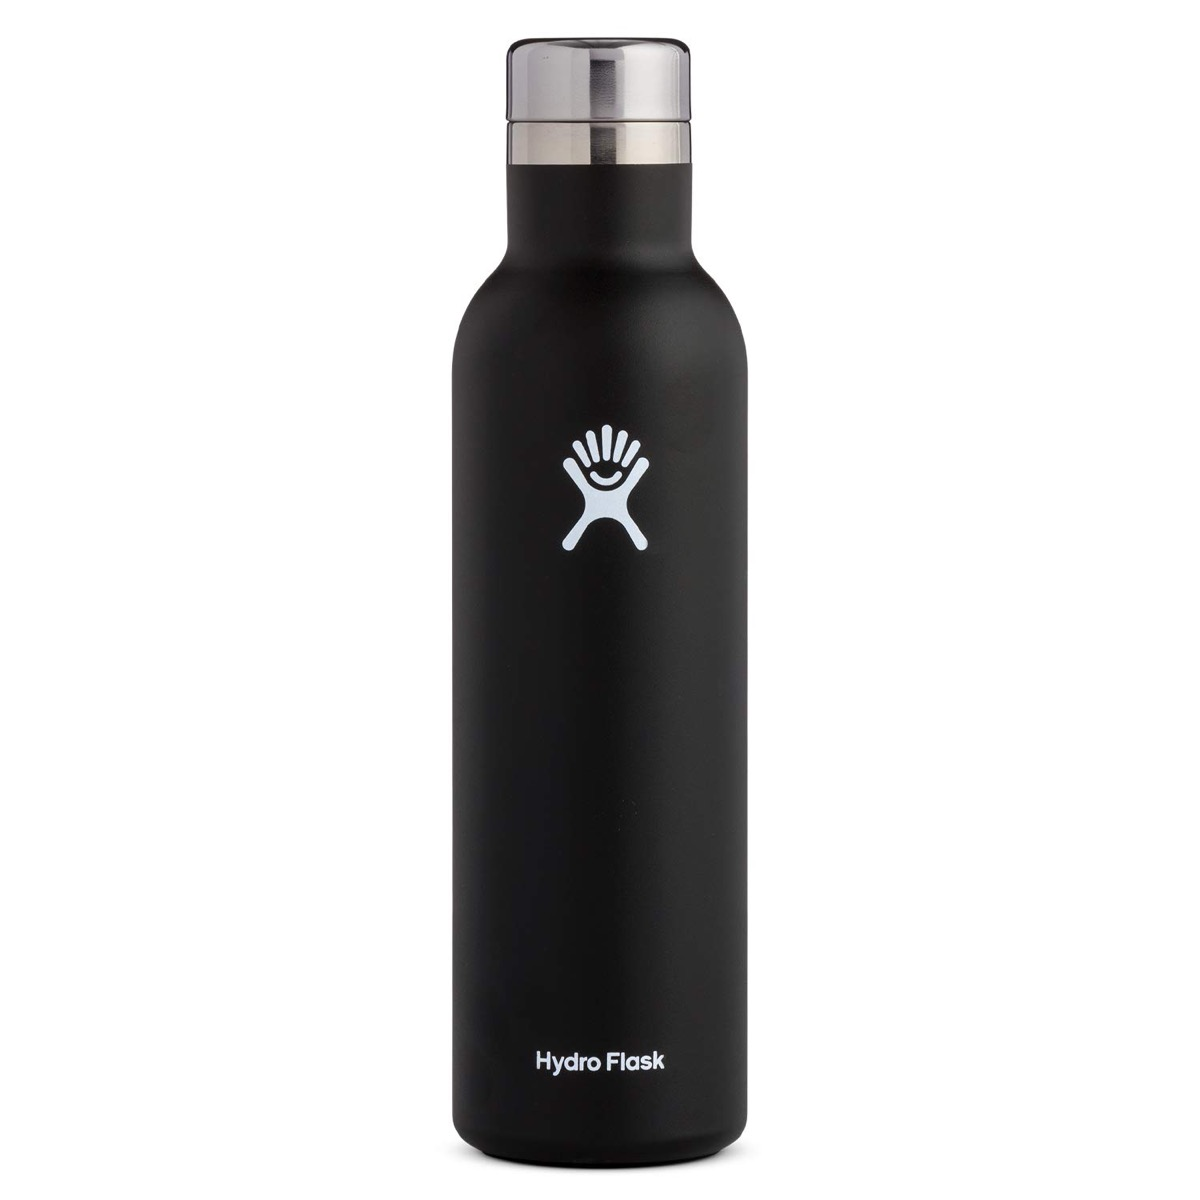 hydro flask black wine bottle